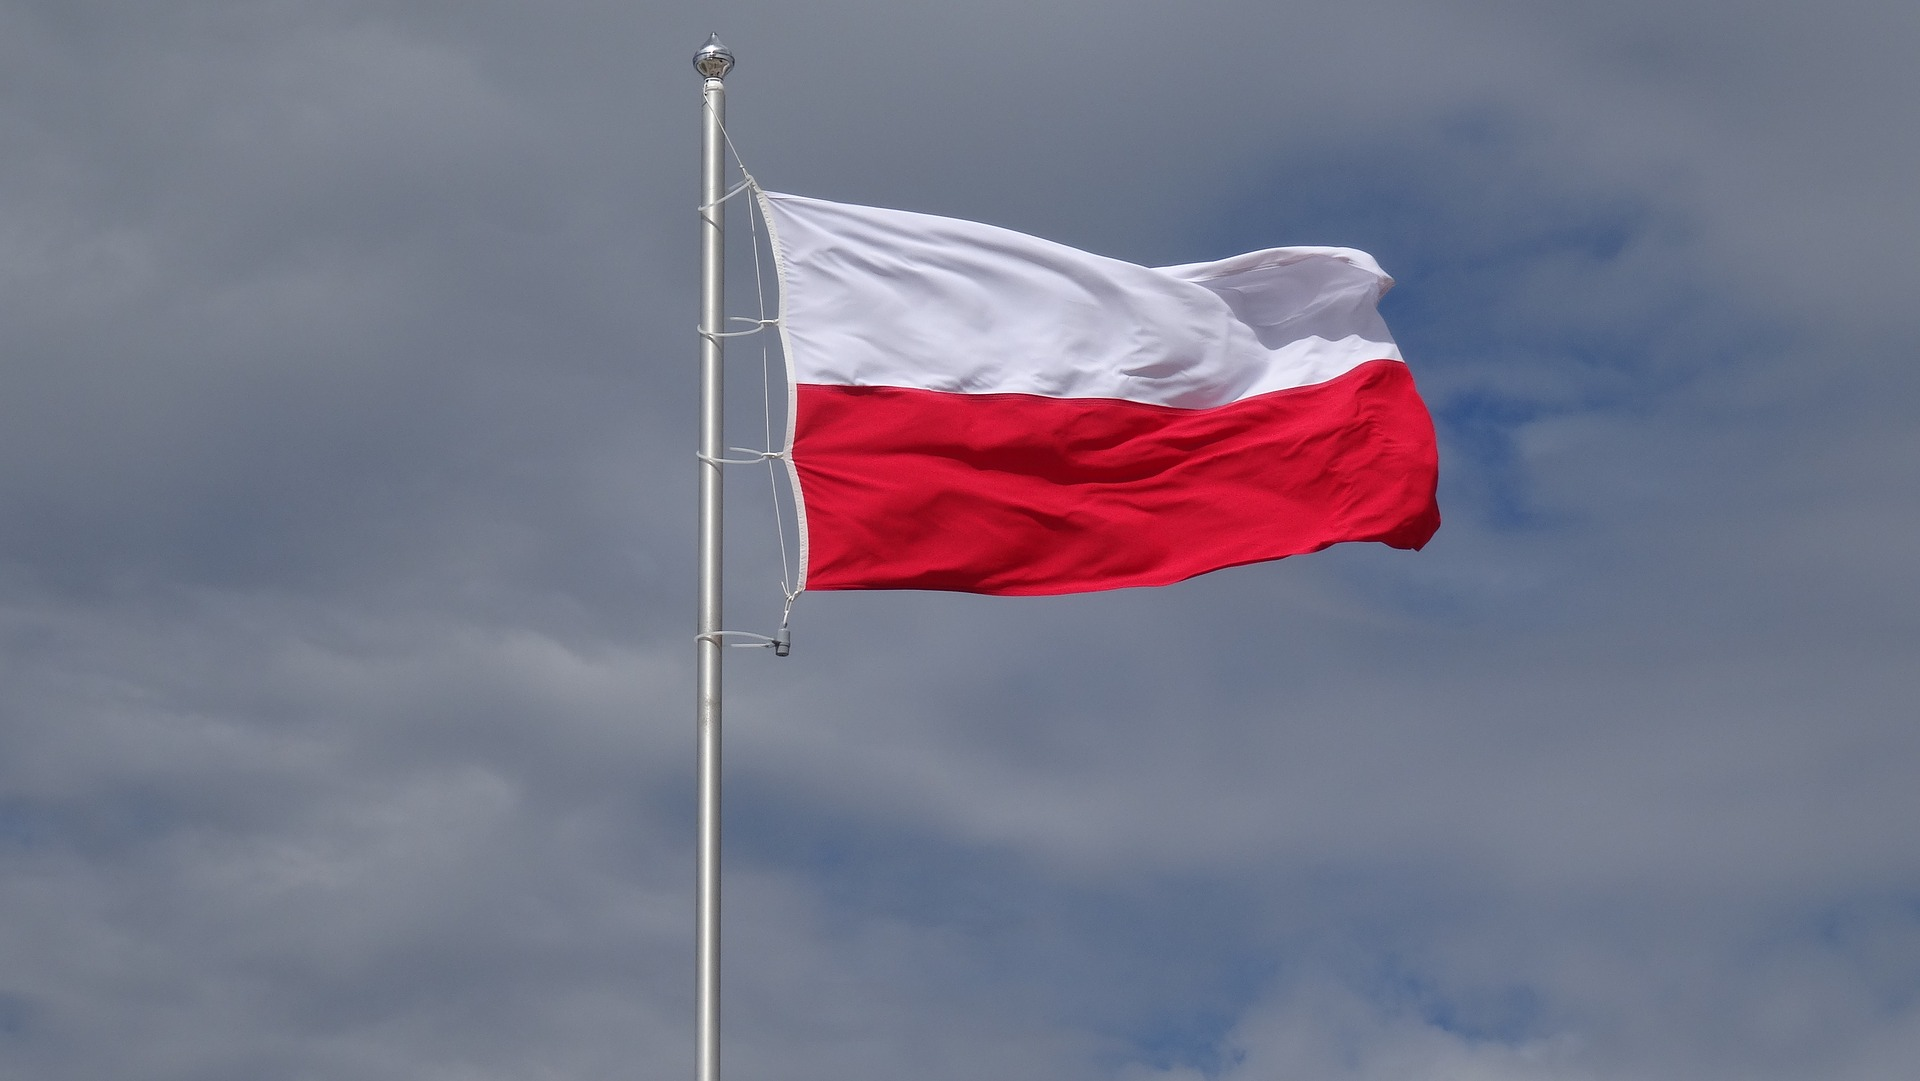 Światowy Kongres Polaków – mec. Stefan Hambura, Krystyna Krzekotowska